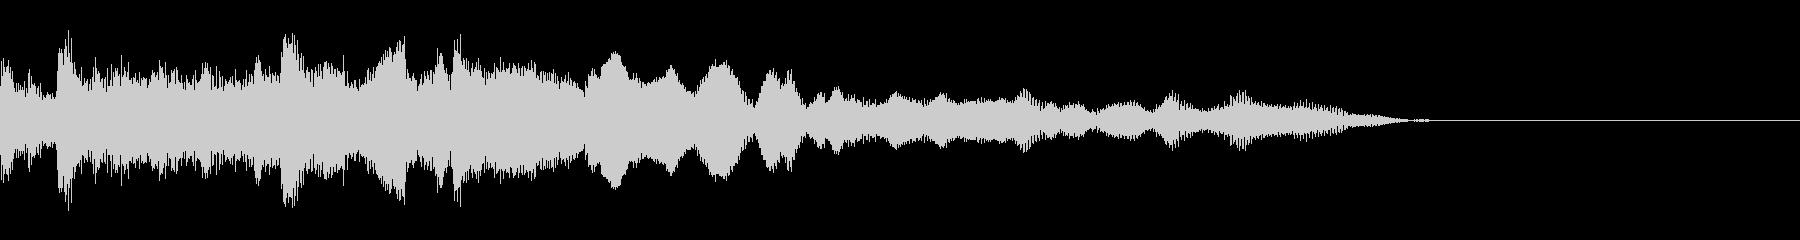 ニュース ラジオ テクノジングル12の未再生の波形